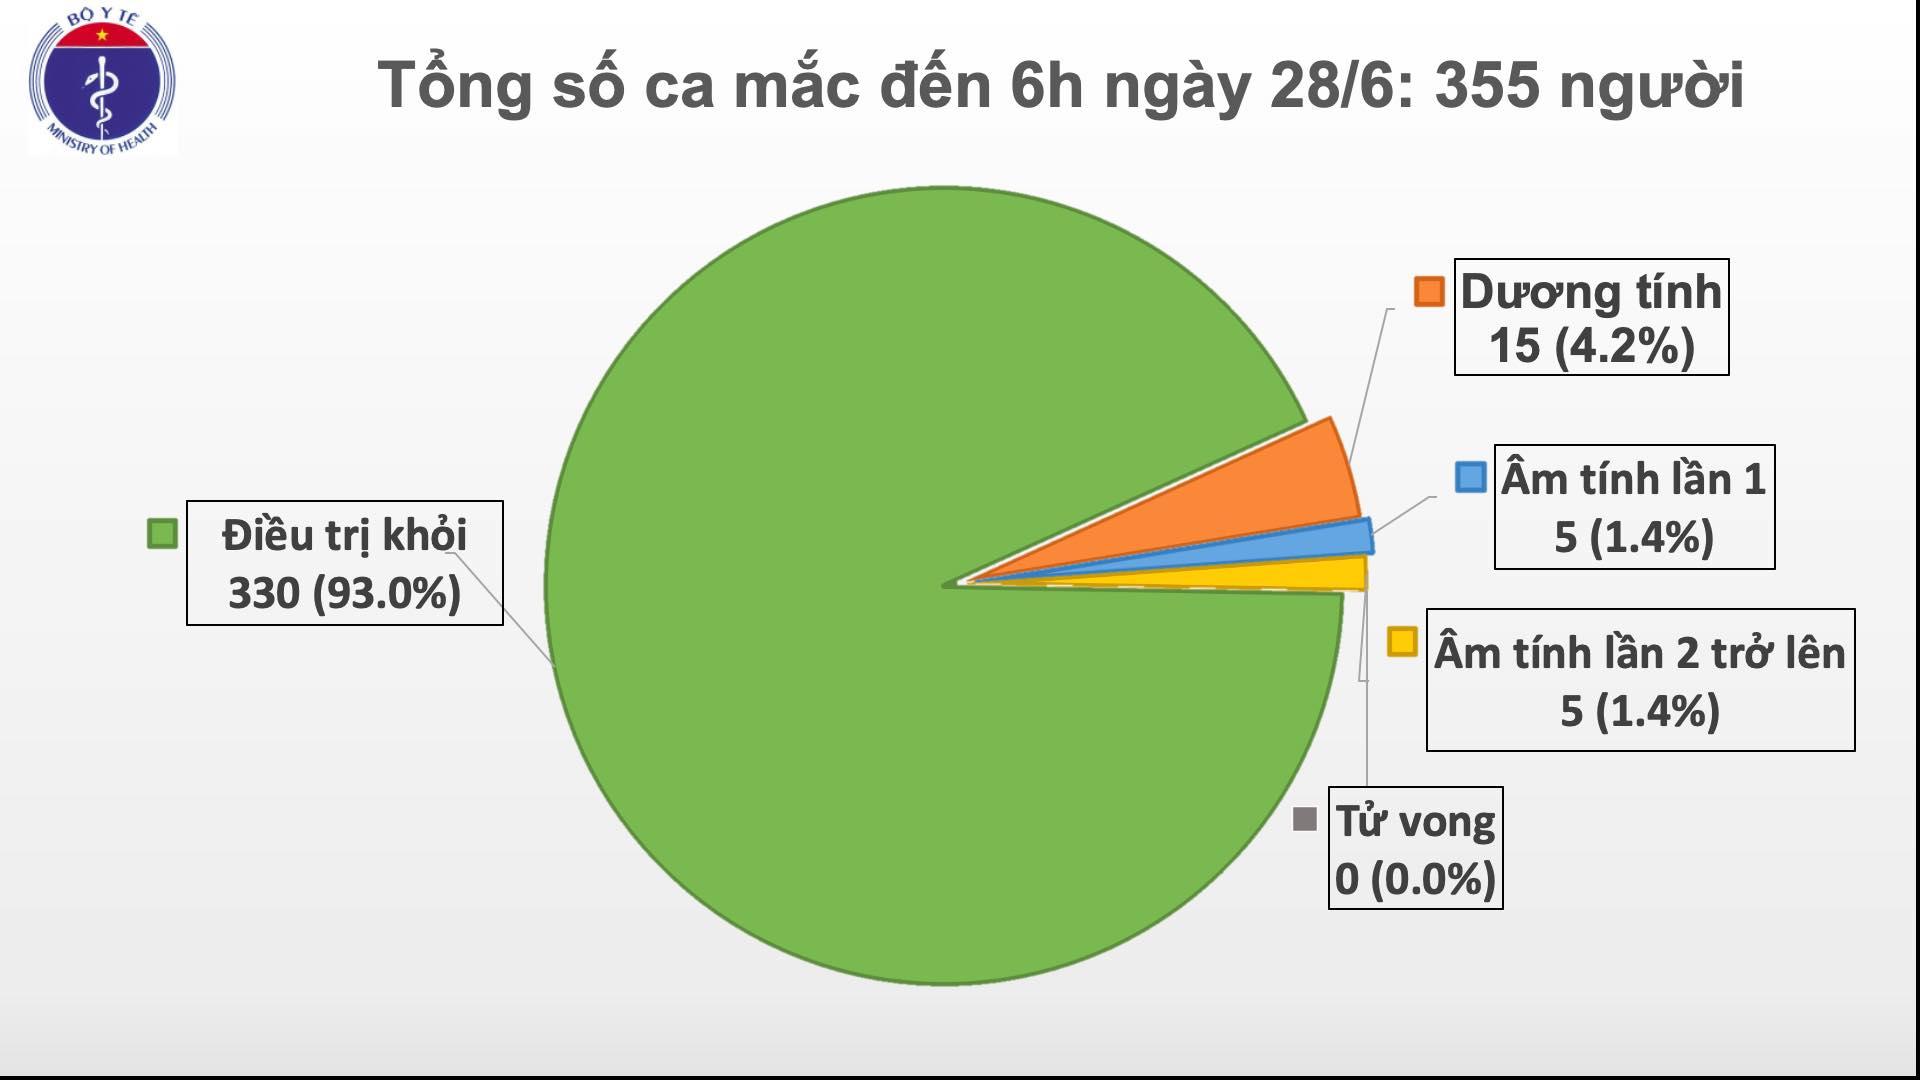 73 ngày Việt Nam không có ca lây nhiễm COVID-19 trong cộng đồng